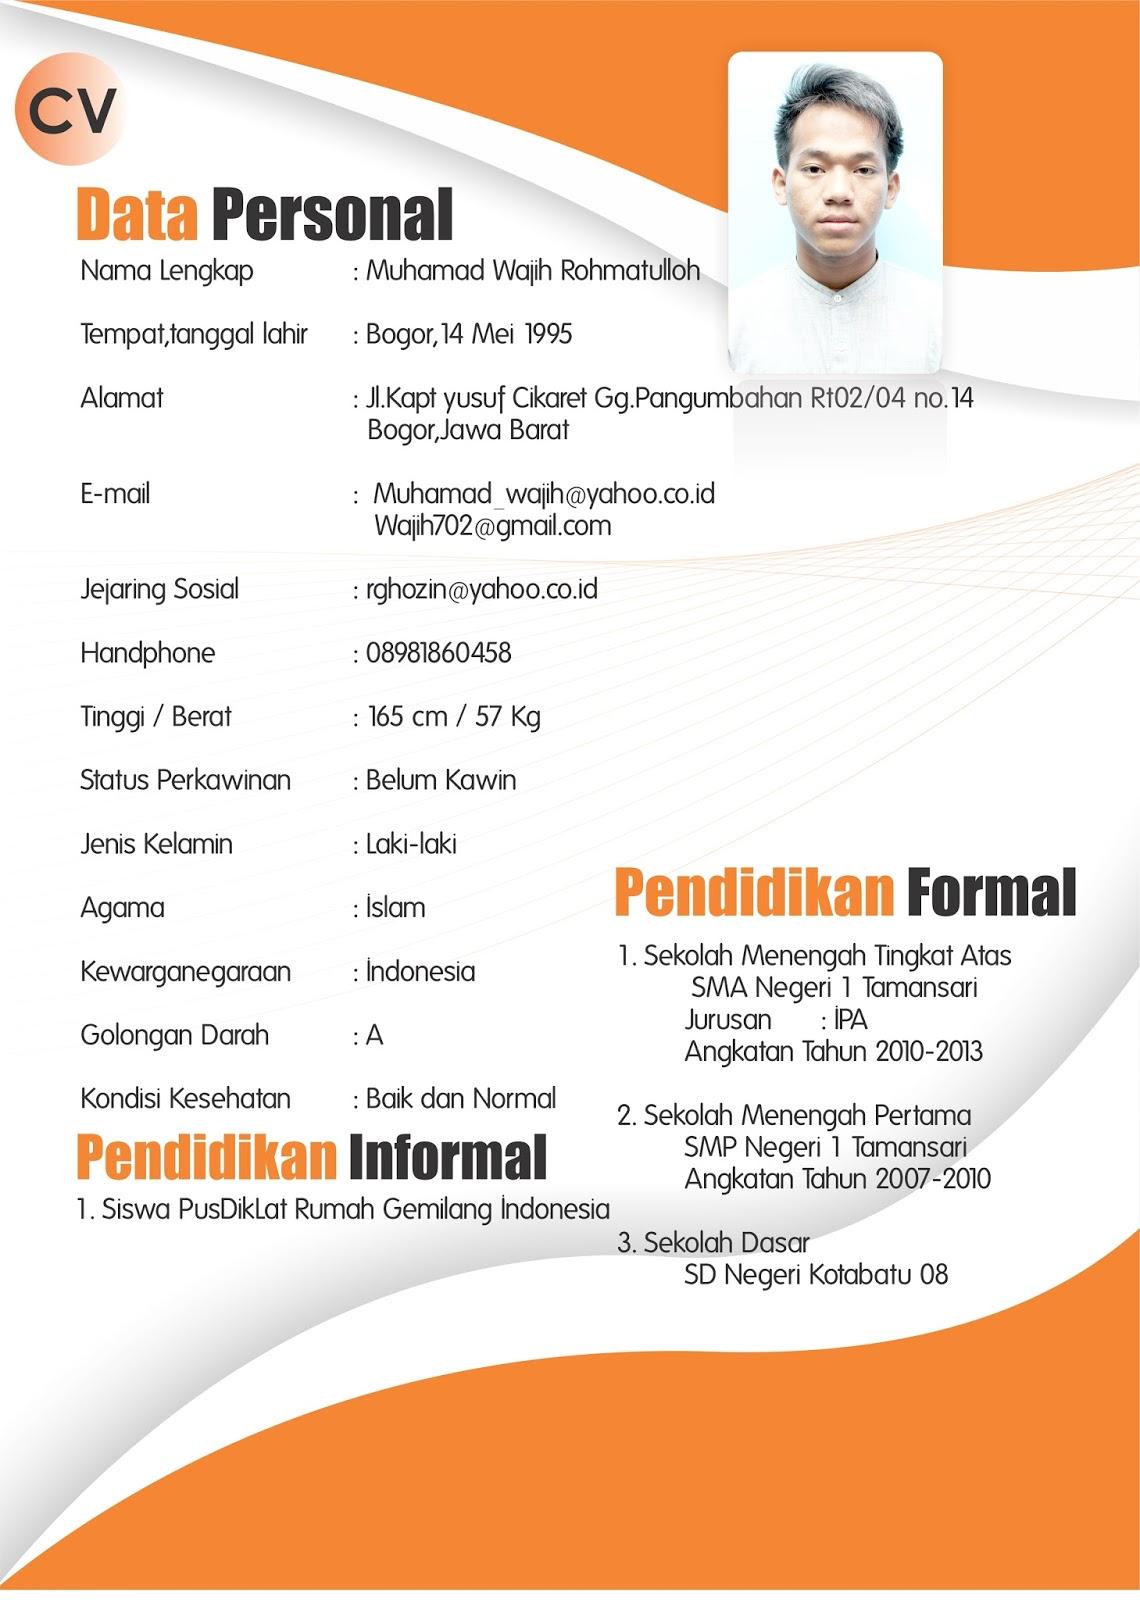 curriculum vitae sample customer service resume curriculum vitae curriculum vitae rigobertotiglao vitae form curriculum vitae bahasa contoh curriculum vitae